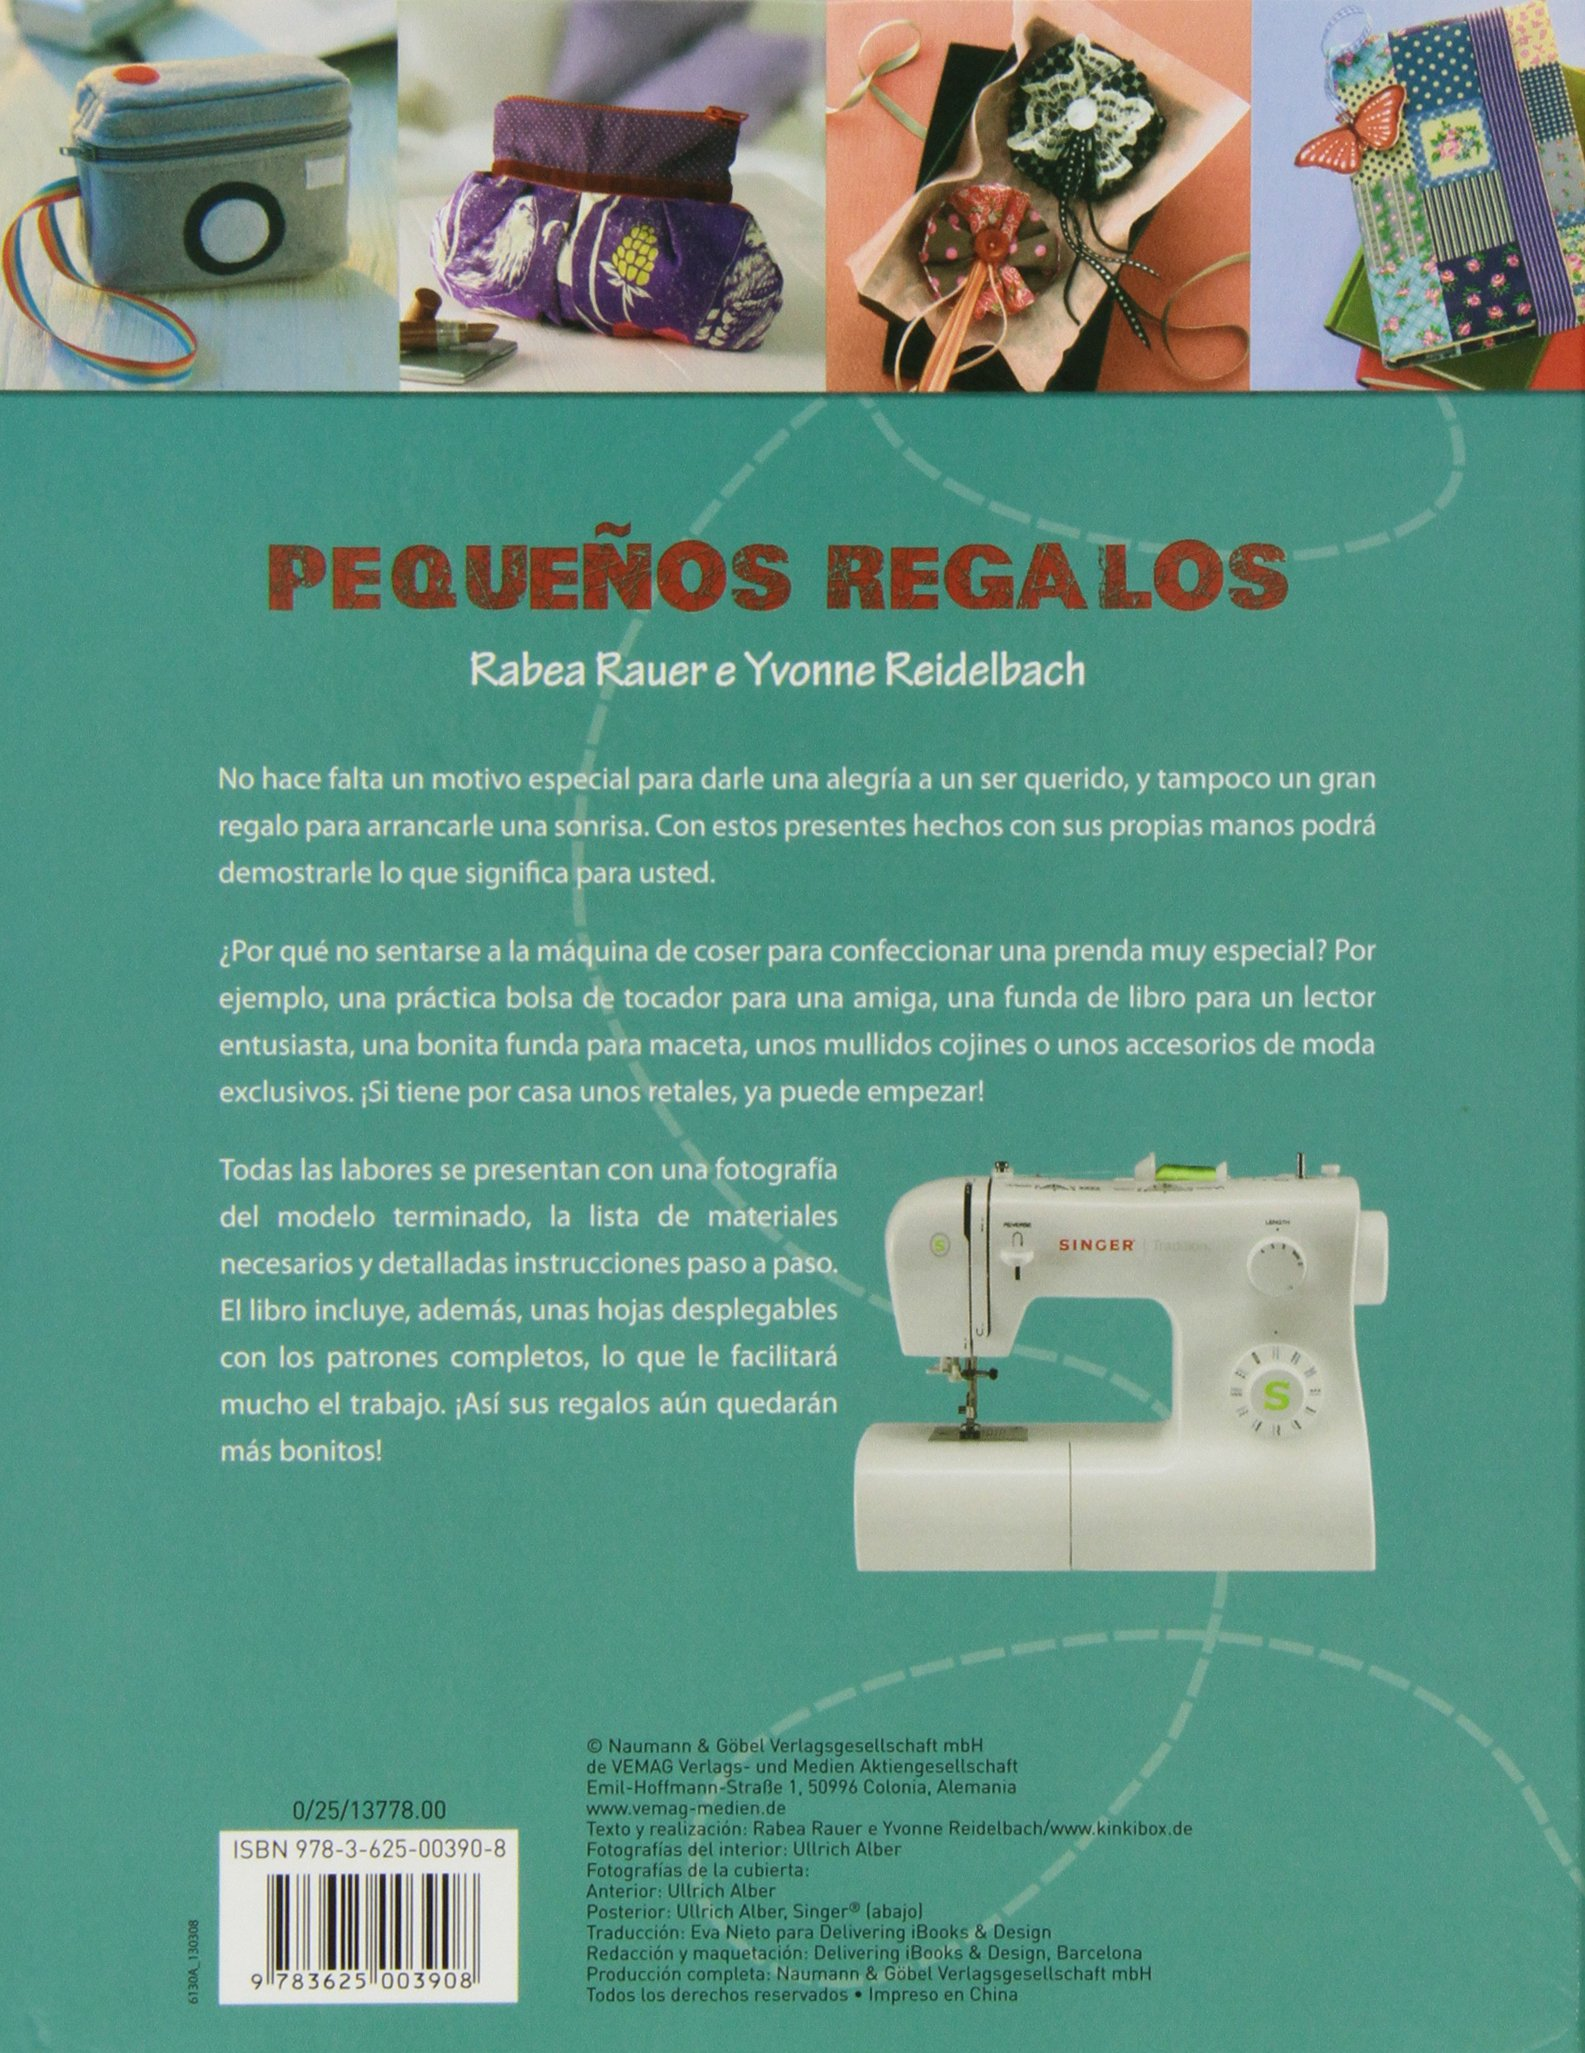 PEQUE¥OS REGALOS: RAUER: 9783625003908: Amazon.com: Books